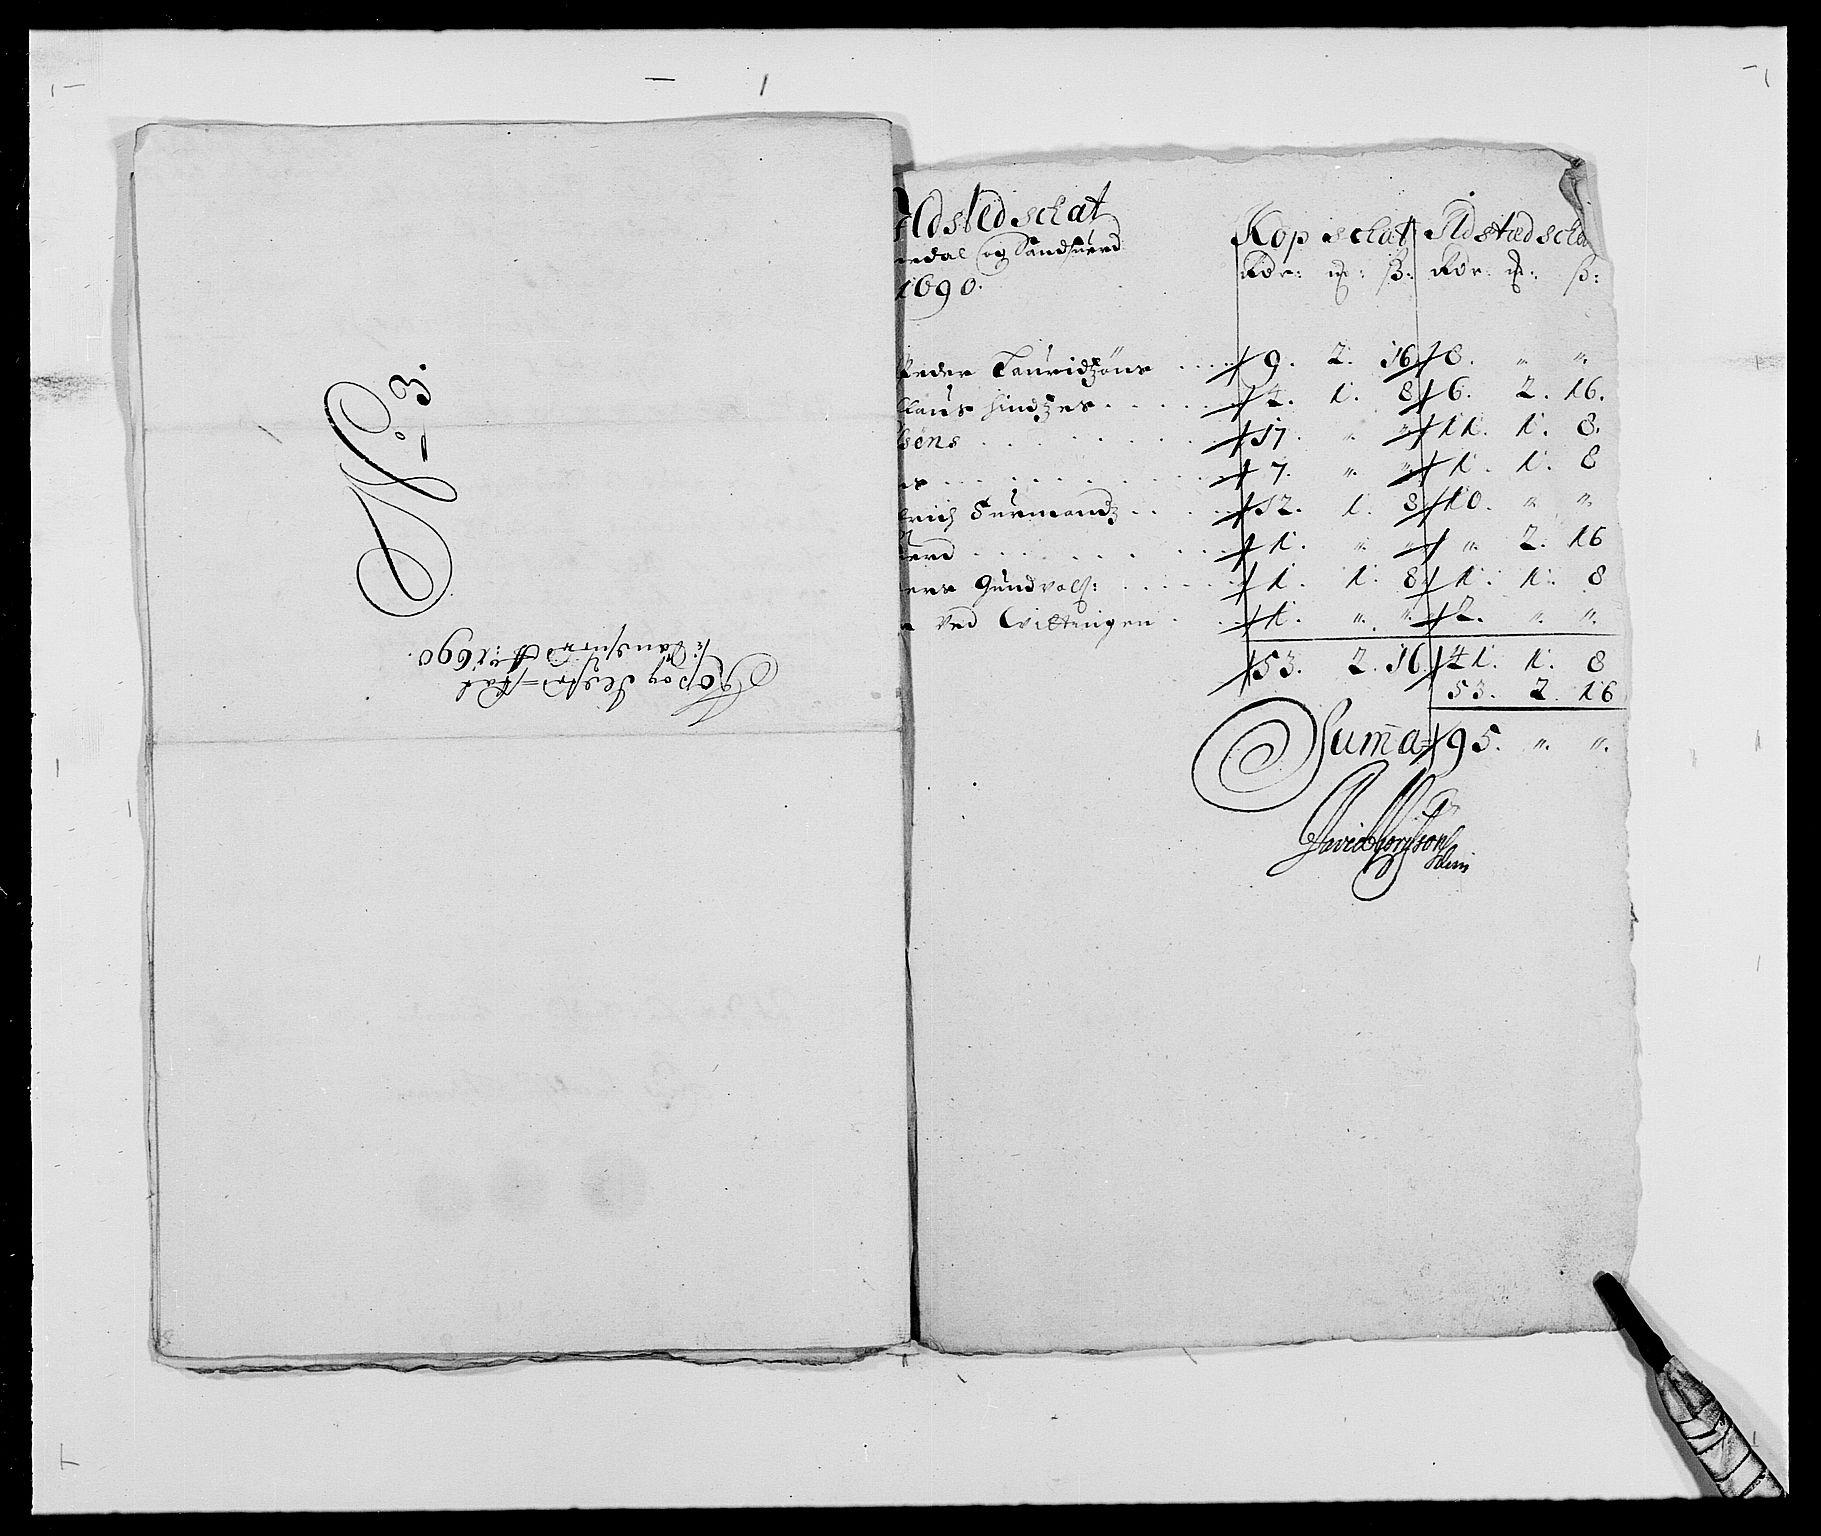 RA, Rentekammeret inntil 1814, Reviderte regnskaper, Fogderegnskap, R24/L1573: Fogderegnskap Numedal og Sandsvær, 1687-1691, s. 468